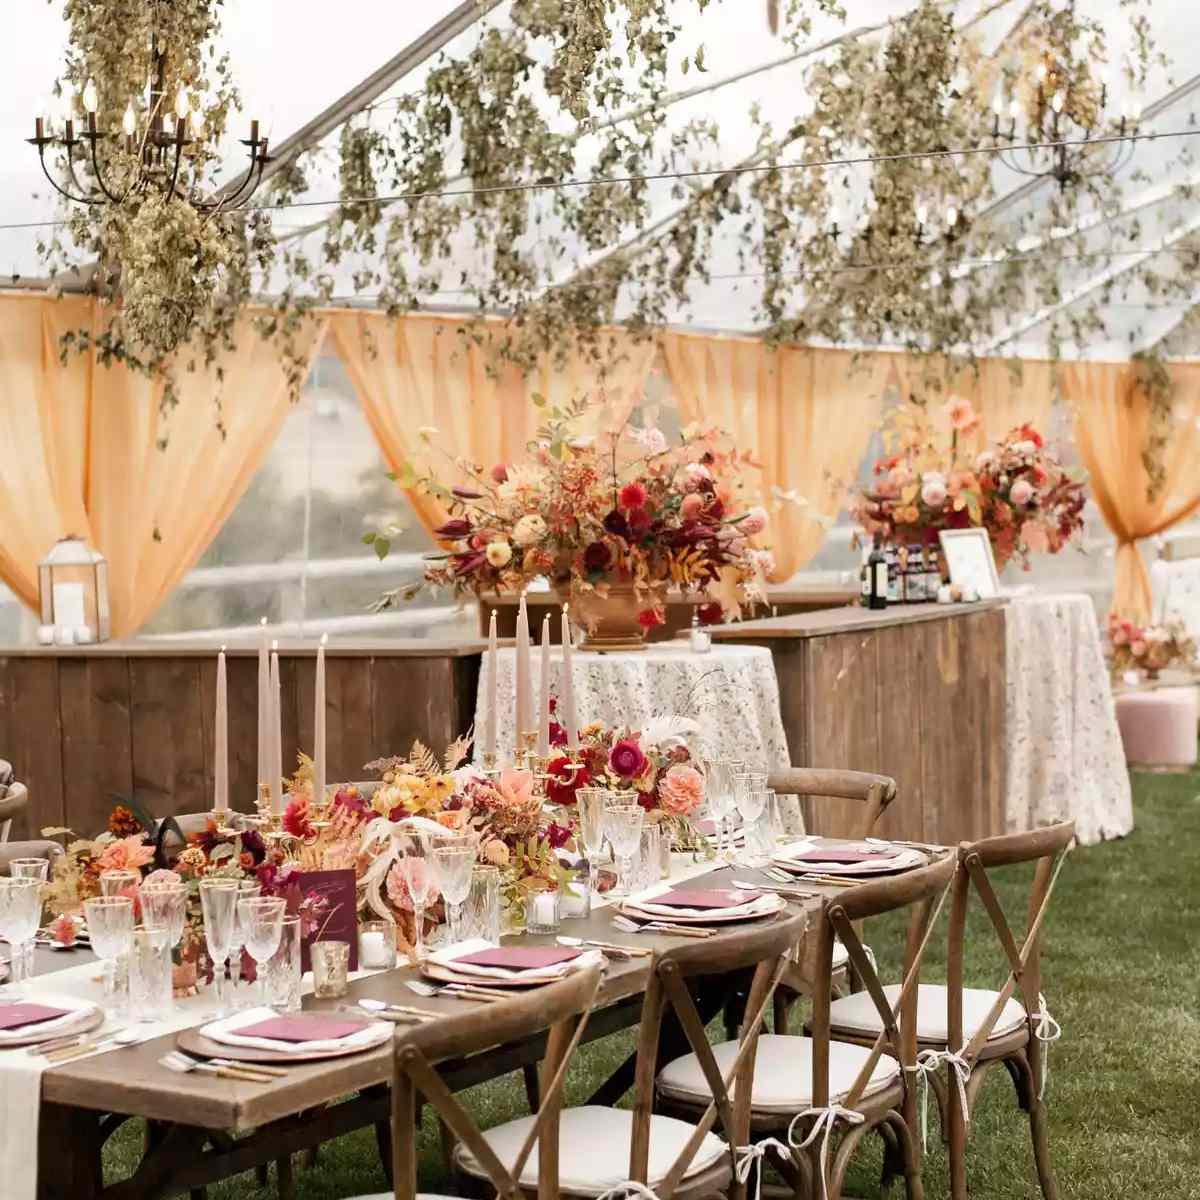 Fall tablescape decor